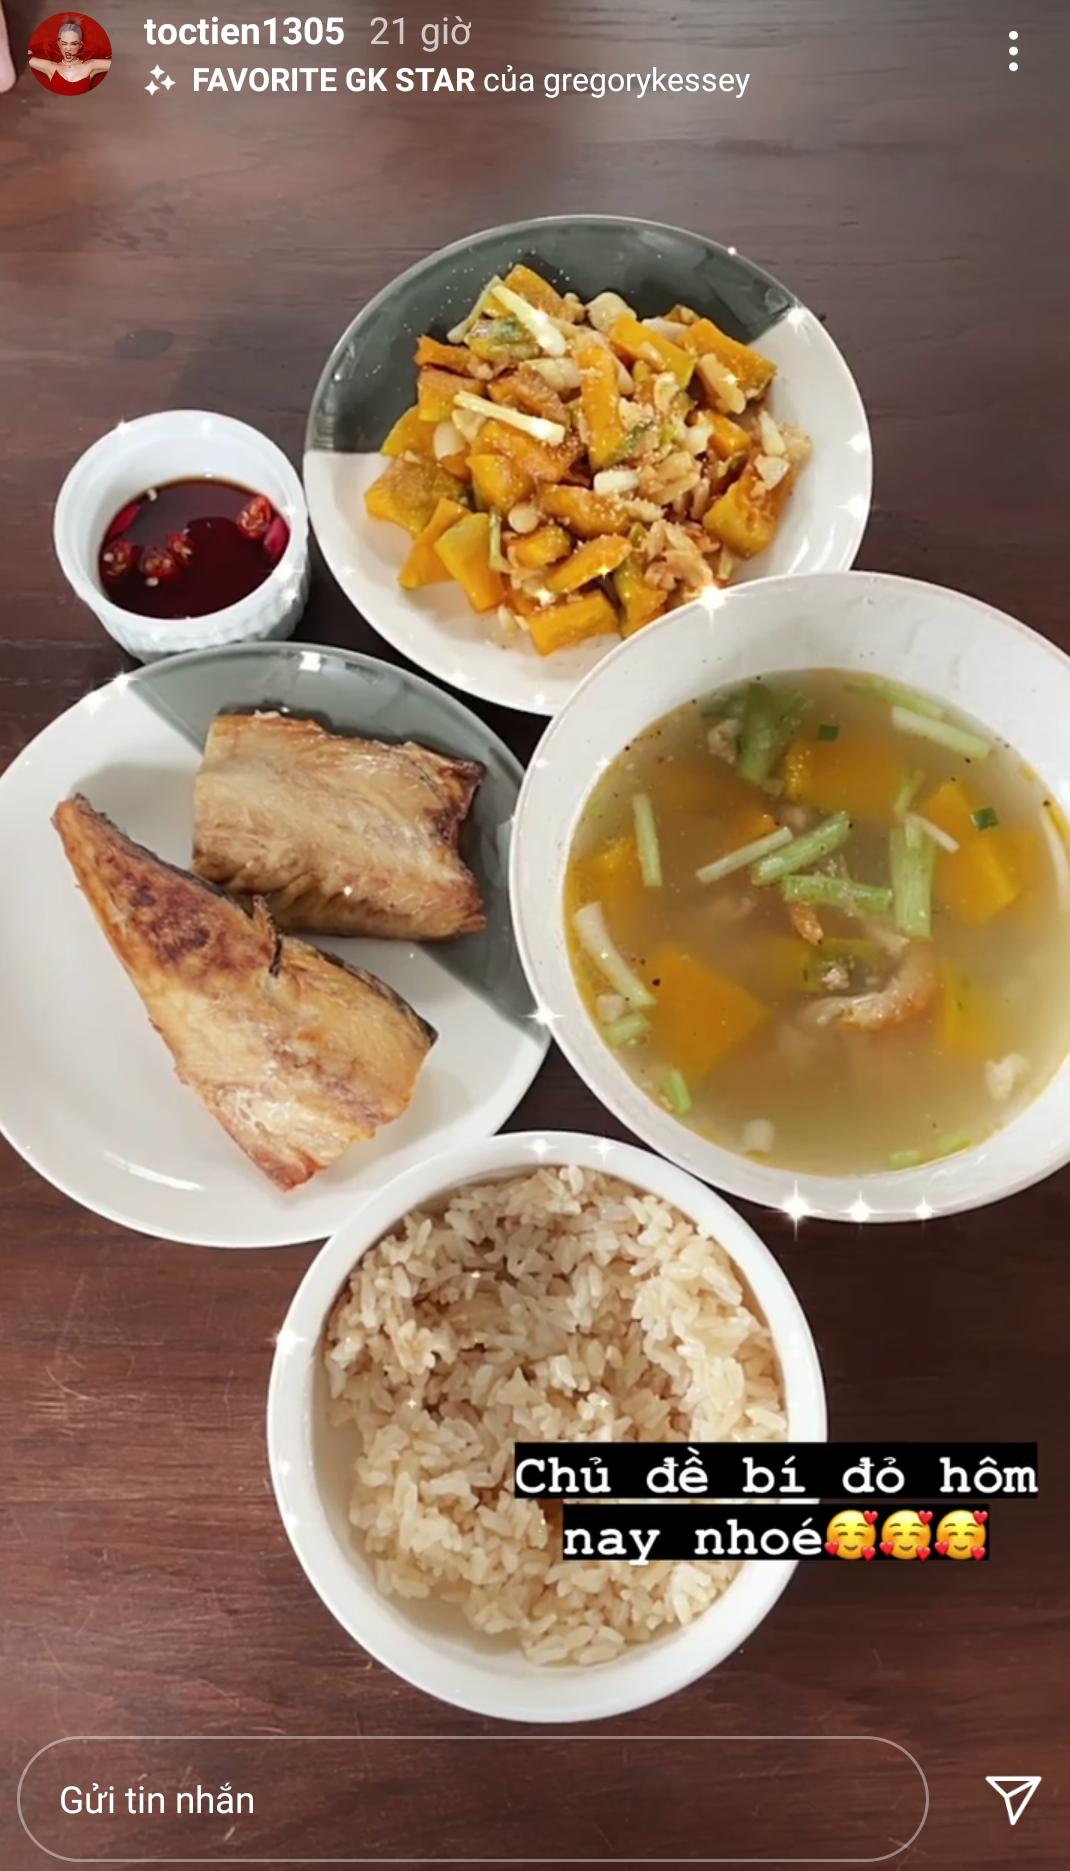 Ờ nhà tránh dịch, nếu không muốn thành 'heo sữa' thì phải ghim ngay 6 thực đơn giảm cân của sao Việt 5